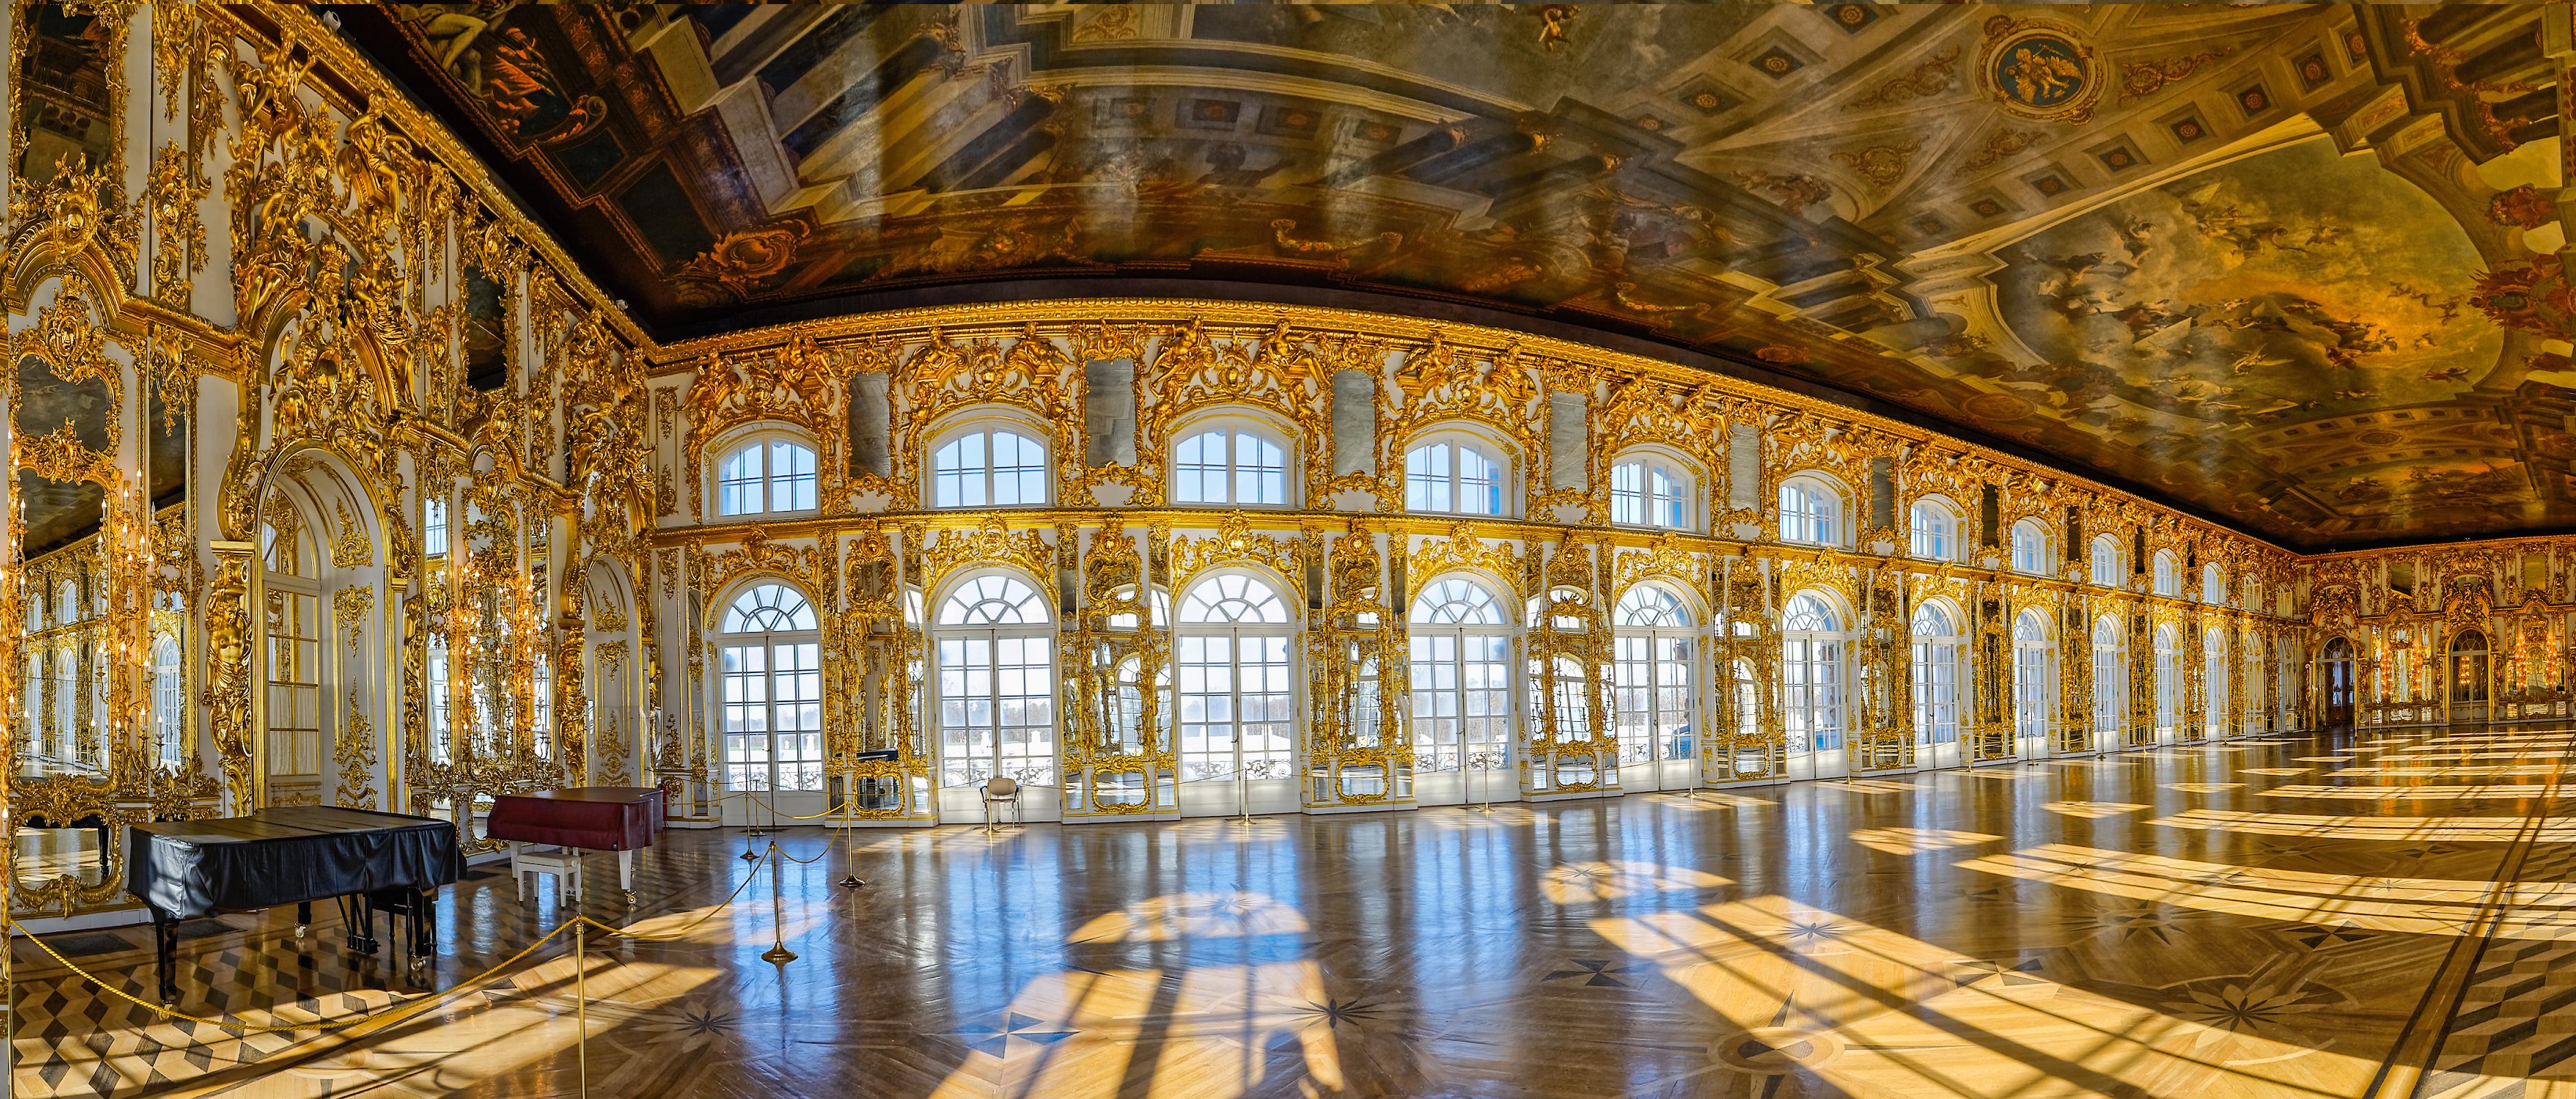 Dreamstime © - Saint-Pétersbourg - Tsarskoe Selo - Salle de balle (2).jpg